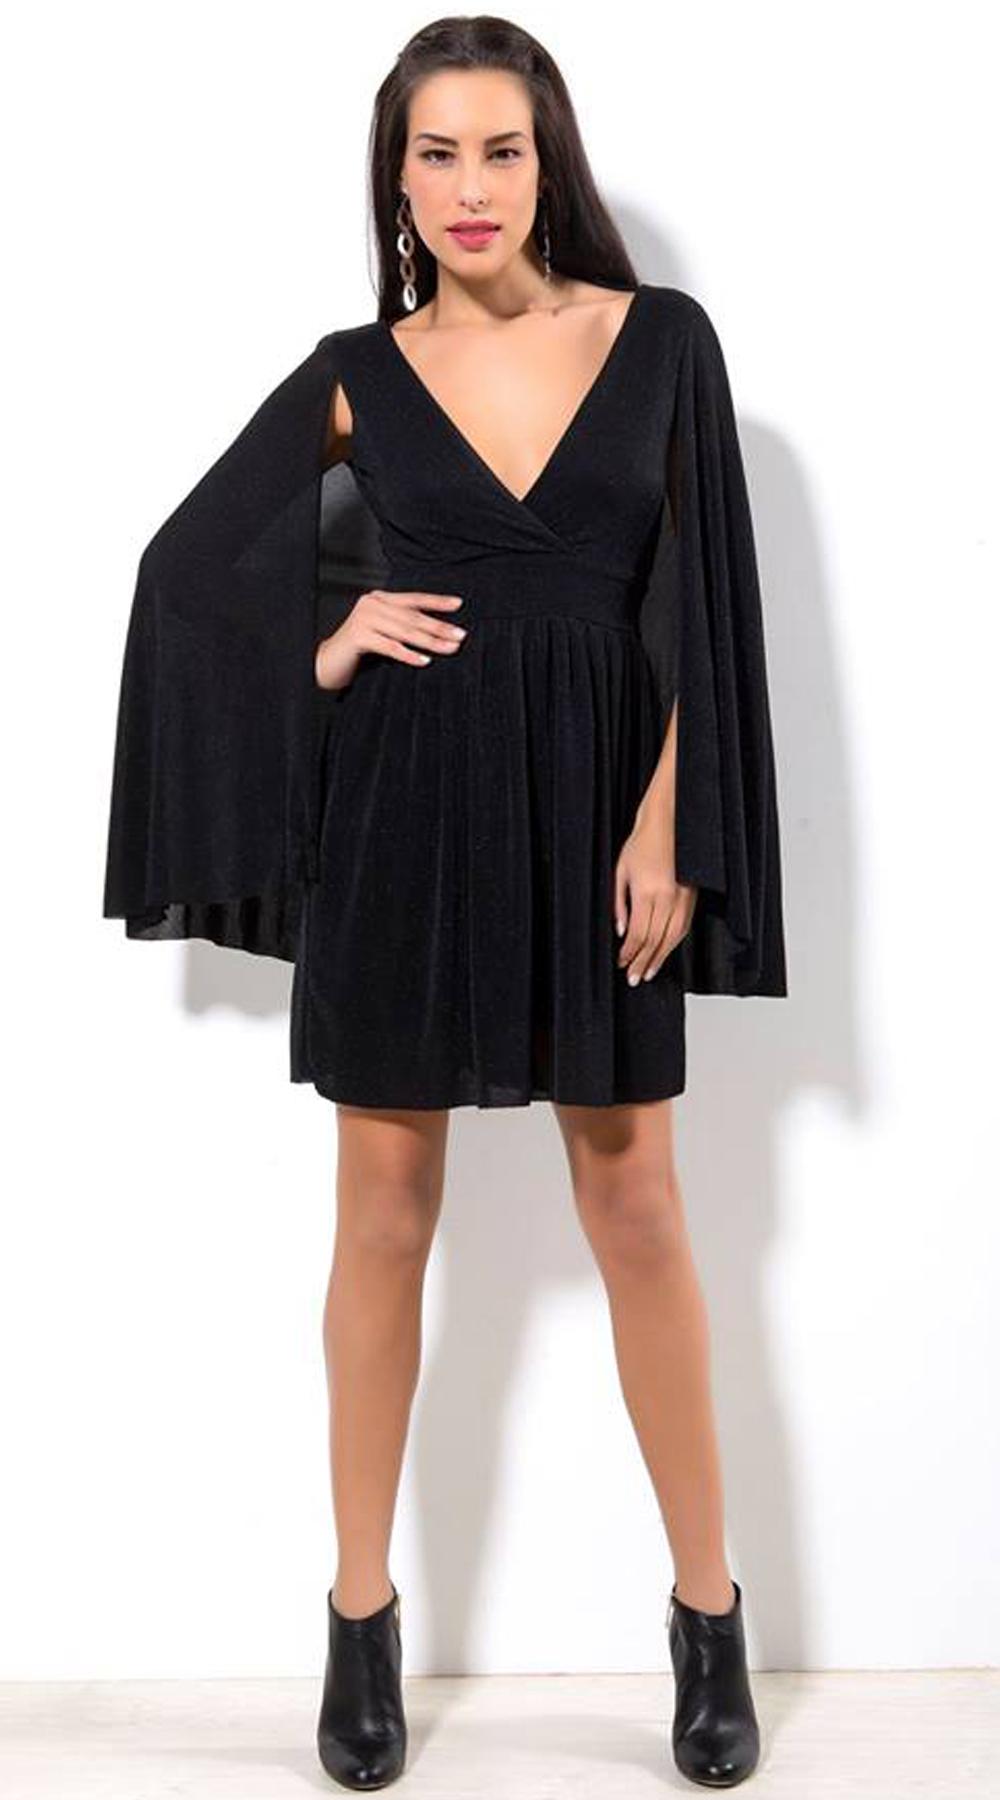 Φόρεμα μίνι κρεπ με μανίκια κάπα - OEM - W18CM-14035 φορέματα μίνι φορέματα